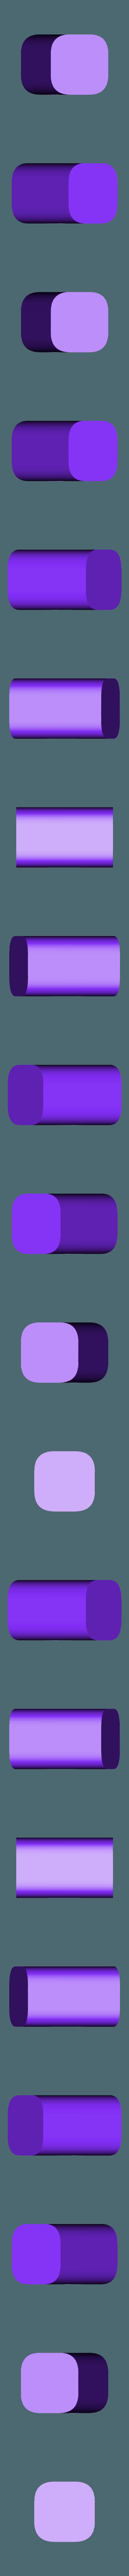 Hammer_v1-3_LARGE_HEAD.STL Télécharger fichier STL gratuit Marteau • Objet à imprimer en 3D, WalterHsiao